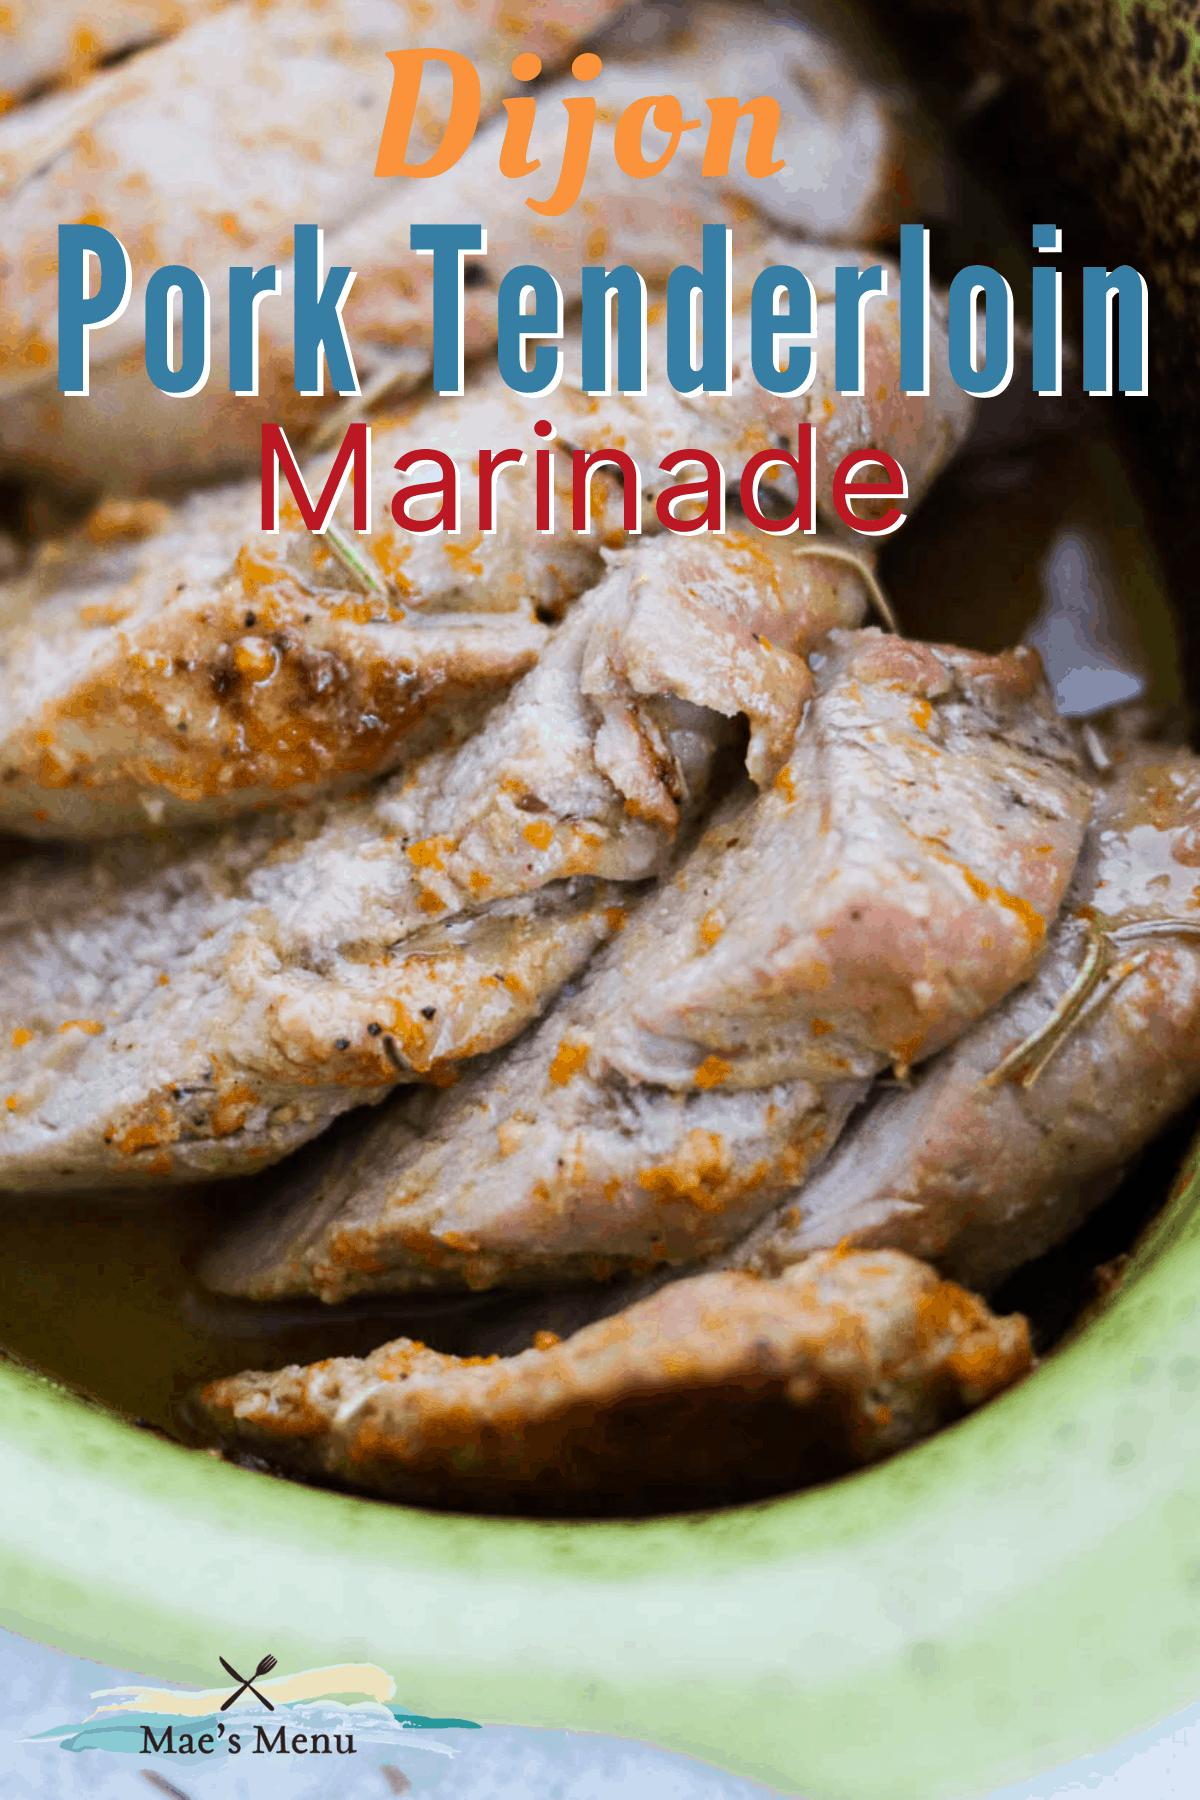 A pinterst pin for dijon pork tenderloin marinde with an up-close overhead shot of the pork